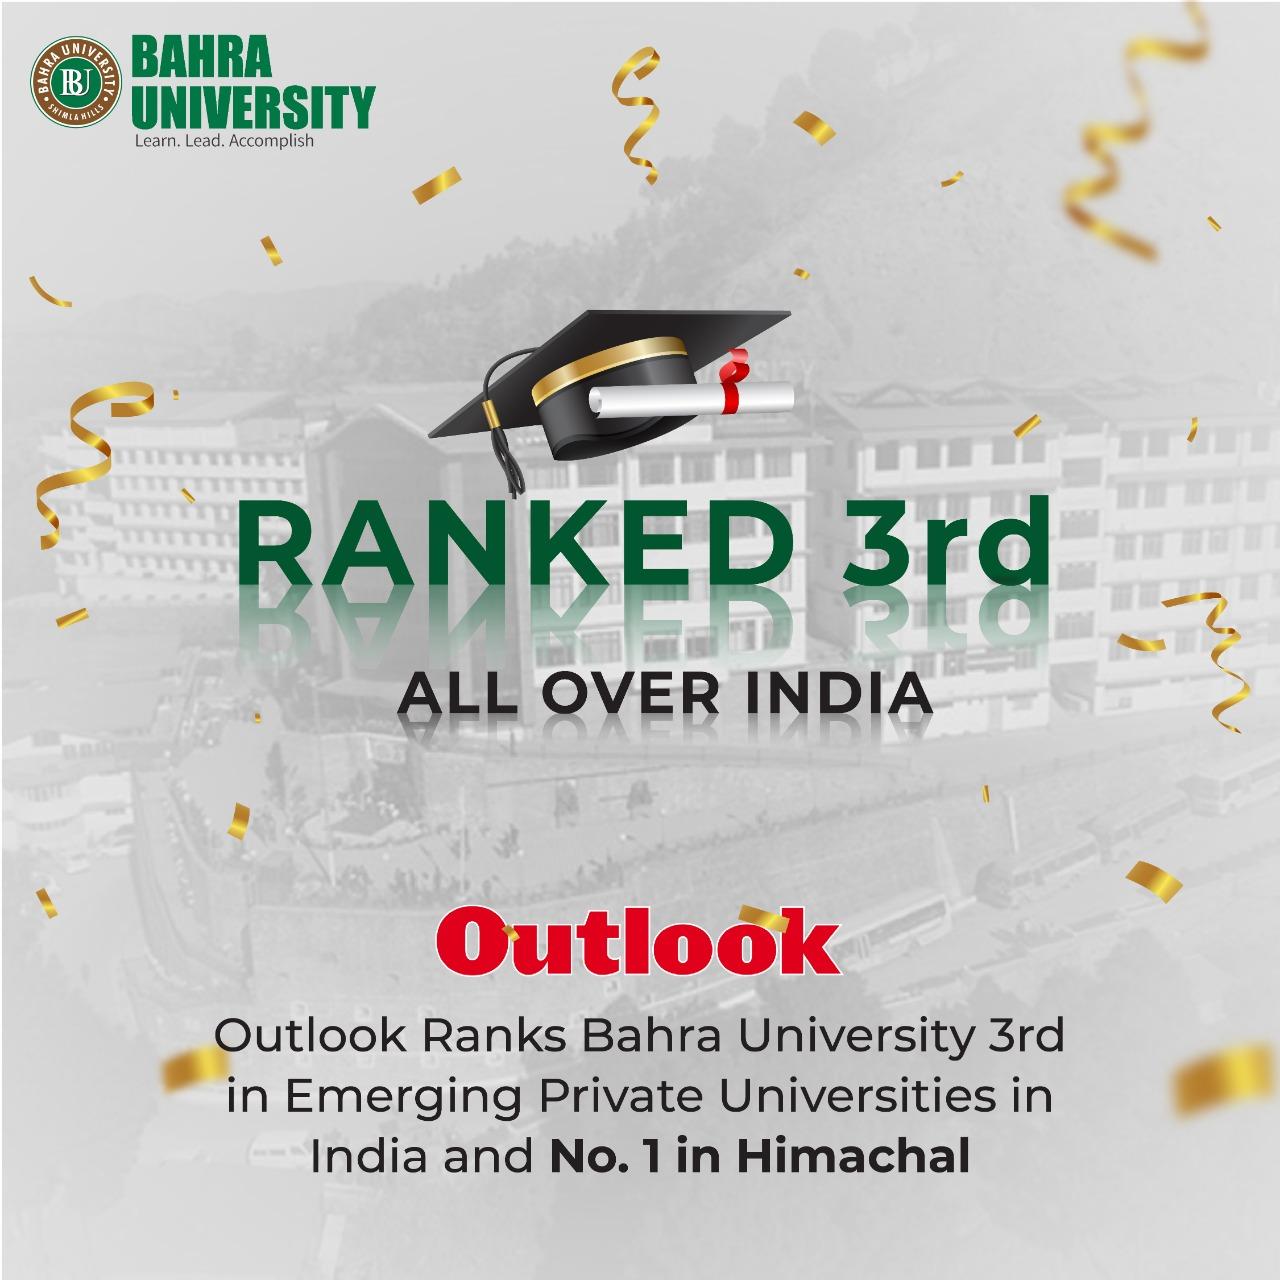 भारत के शीर्ष 12 उभरते विश्वविद्यालयों में तीसरे स्थान पर बाहरा विश्वविद्यालय, प्रबंधन ने दी बधाई